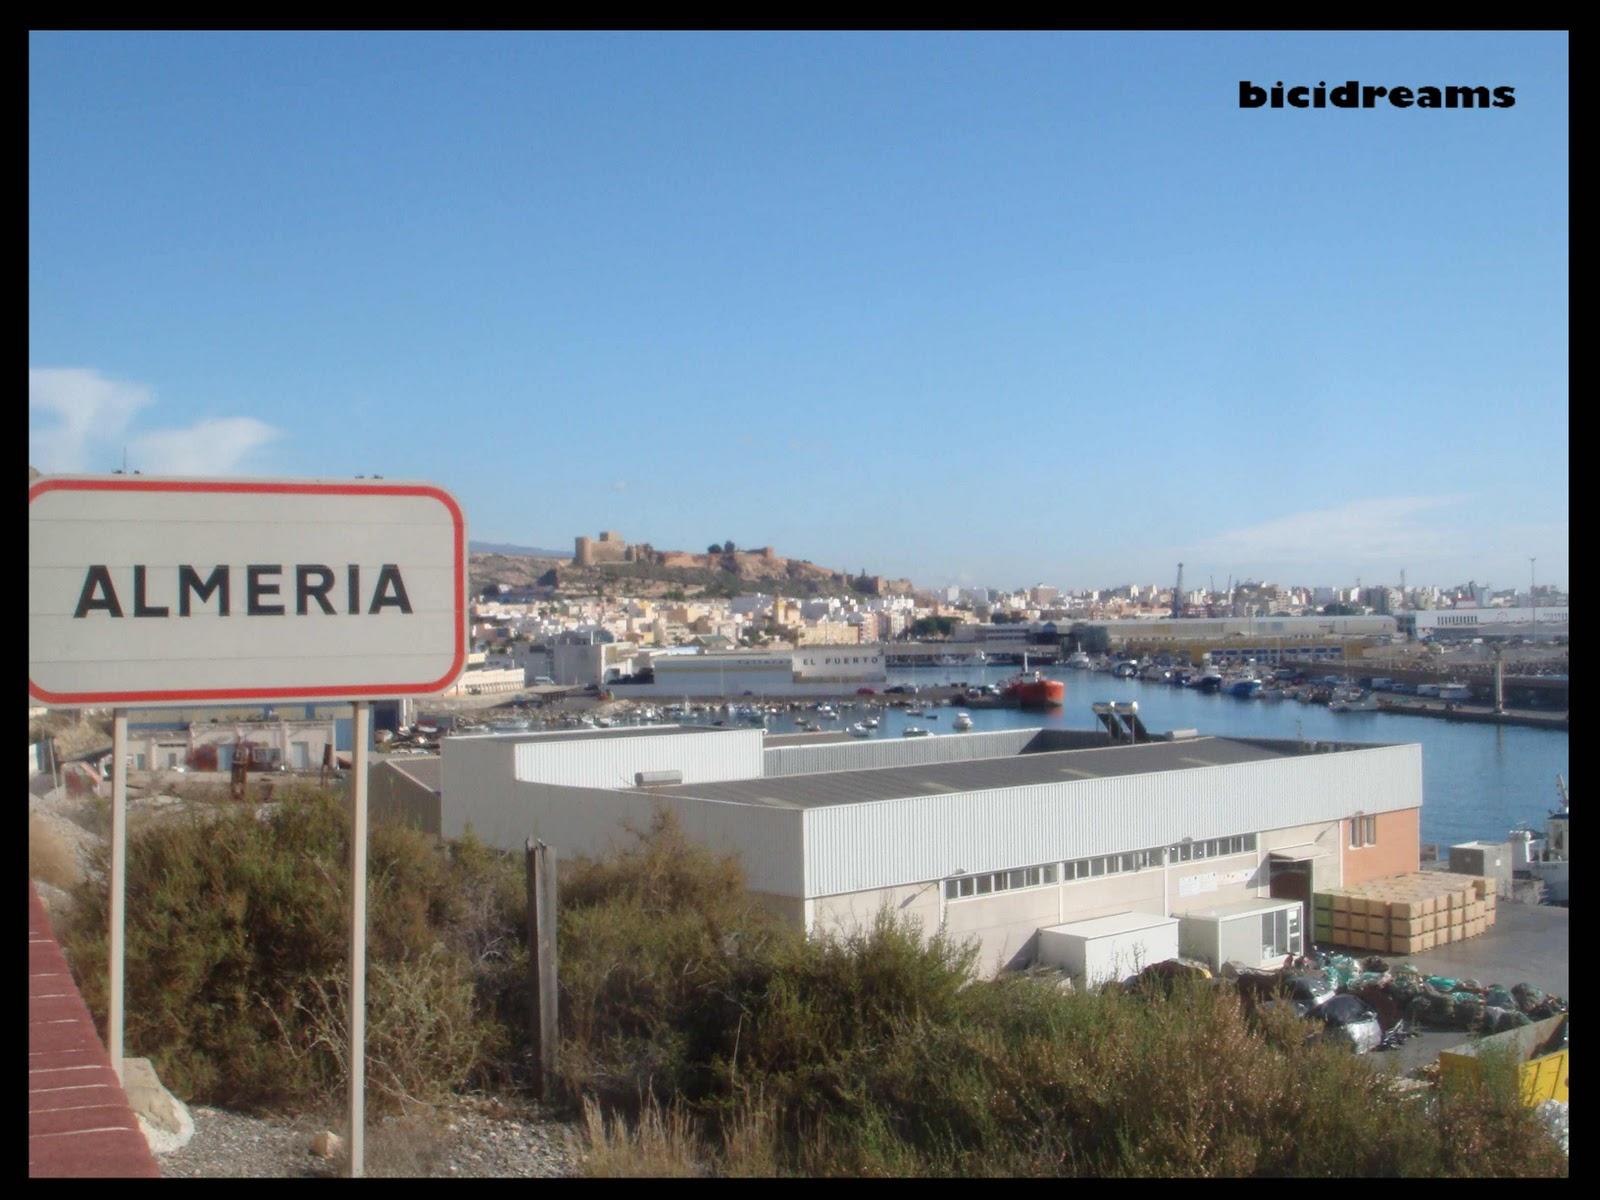 Bicidreams etapa septima almeria el ejido 32km - El ejido almeria ...